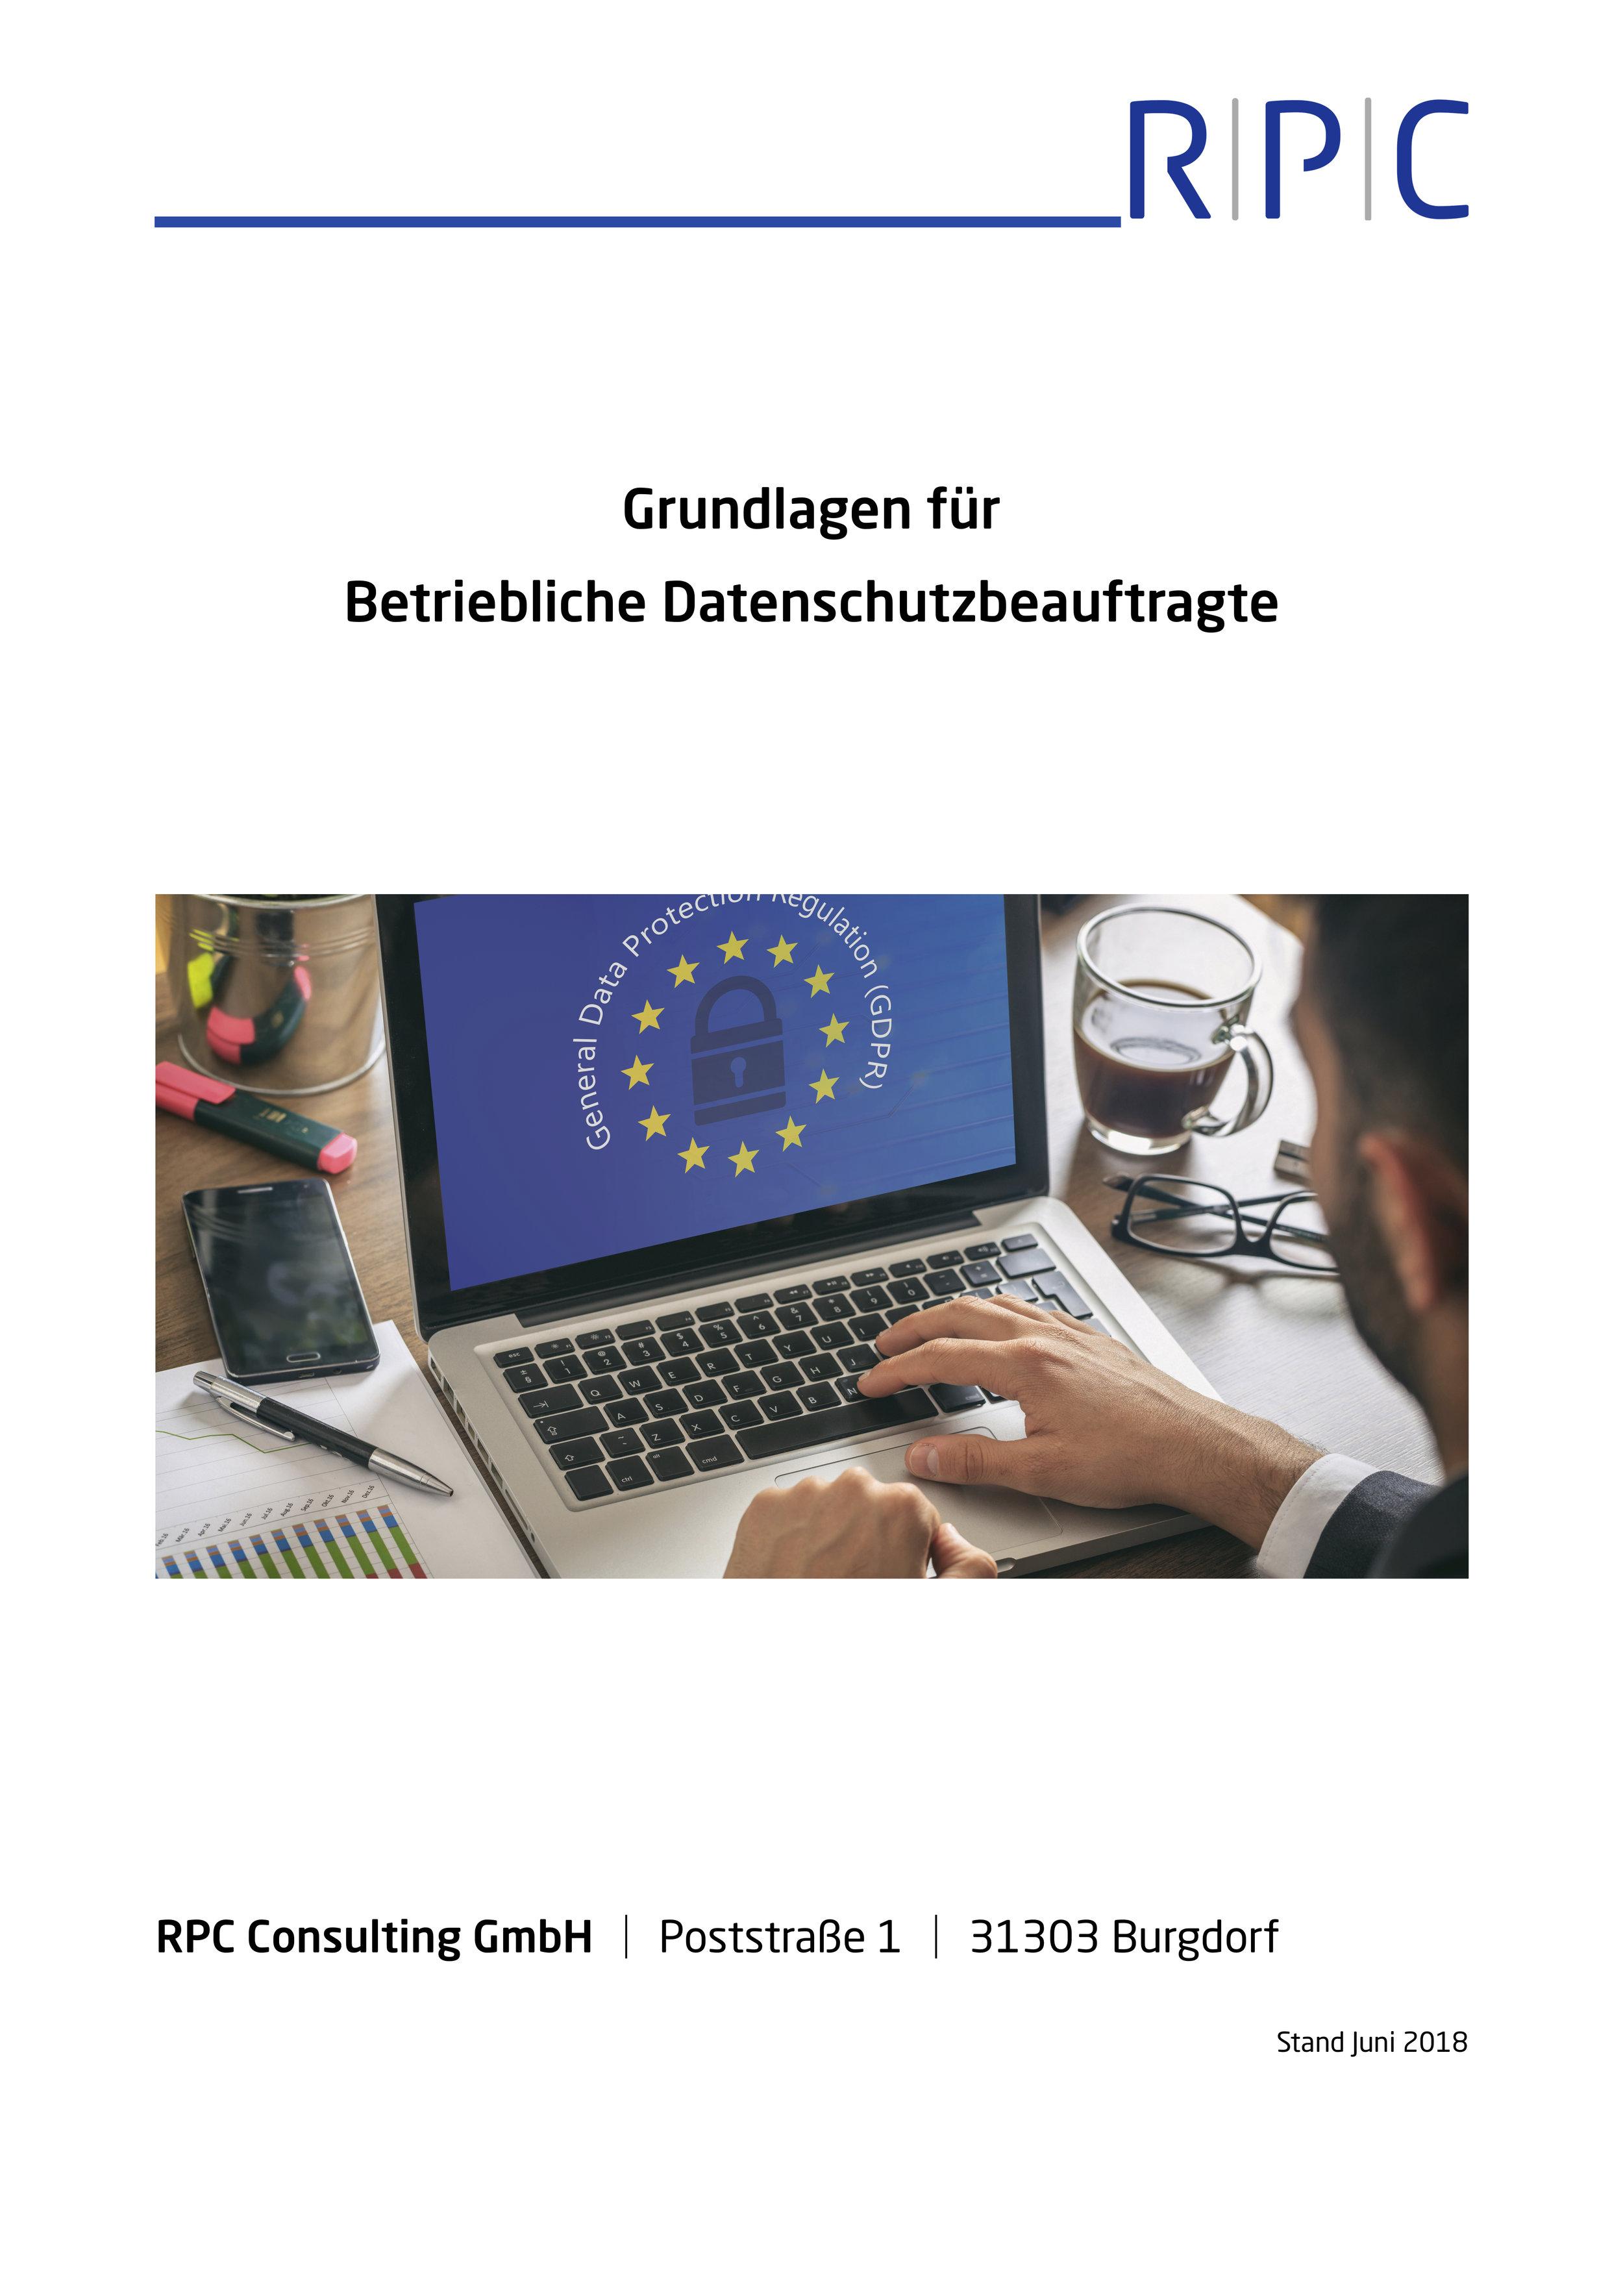 Datenschutz - Grundlagen für Betriebliche Datenschutzbeauftragte